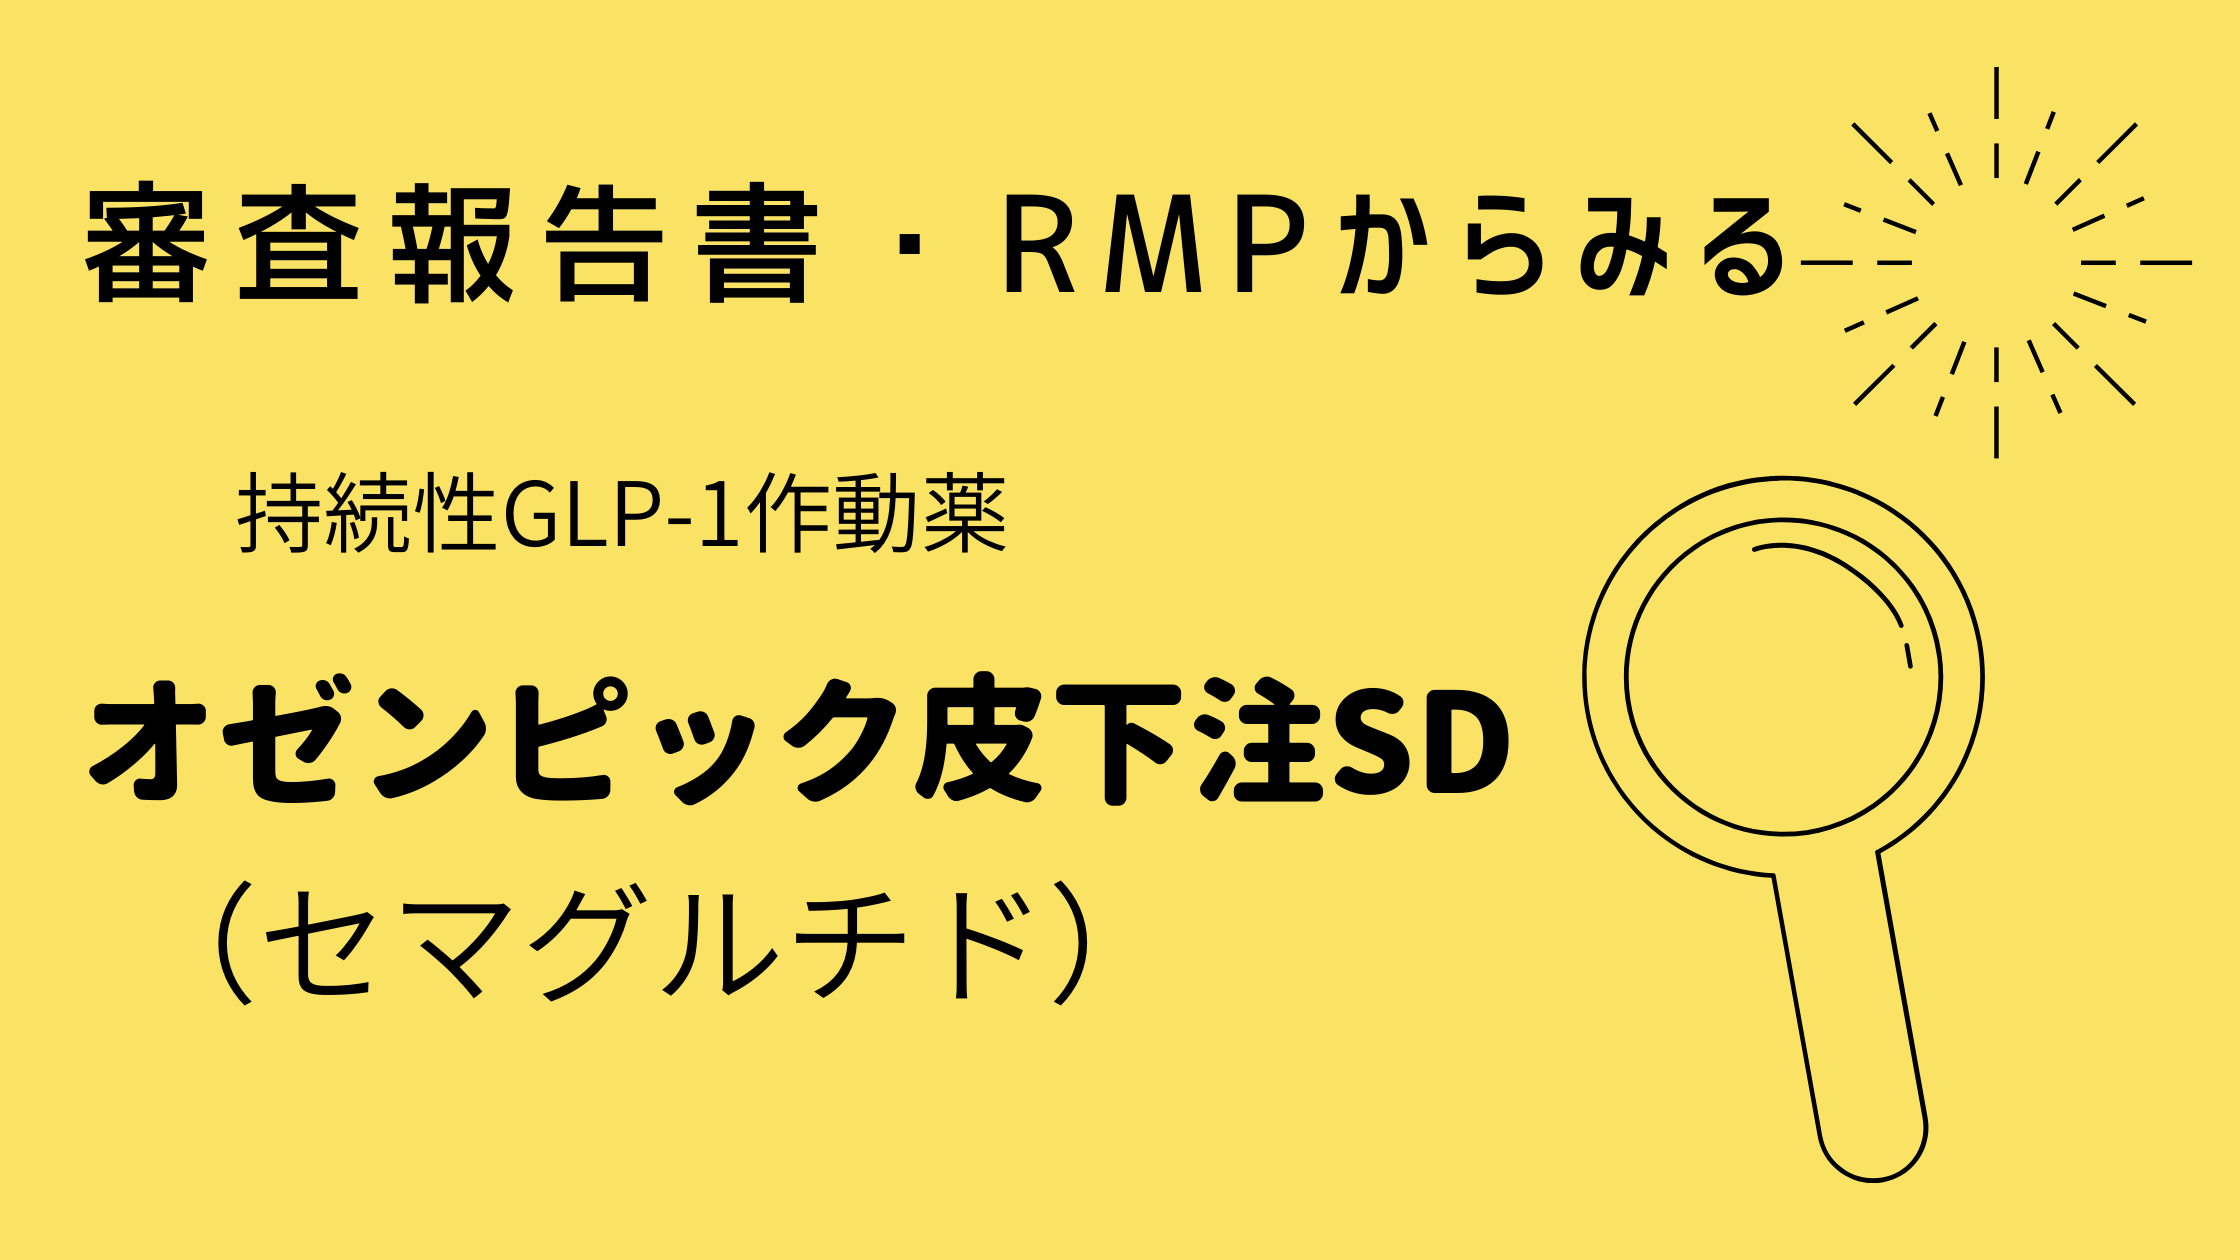 審査報告書・RMPからみるオゼンピック皮下注SD